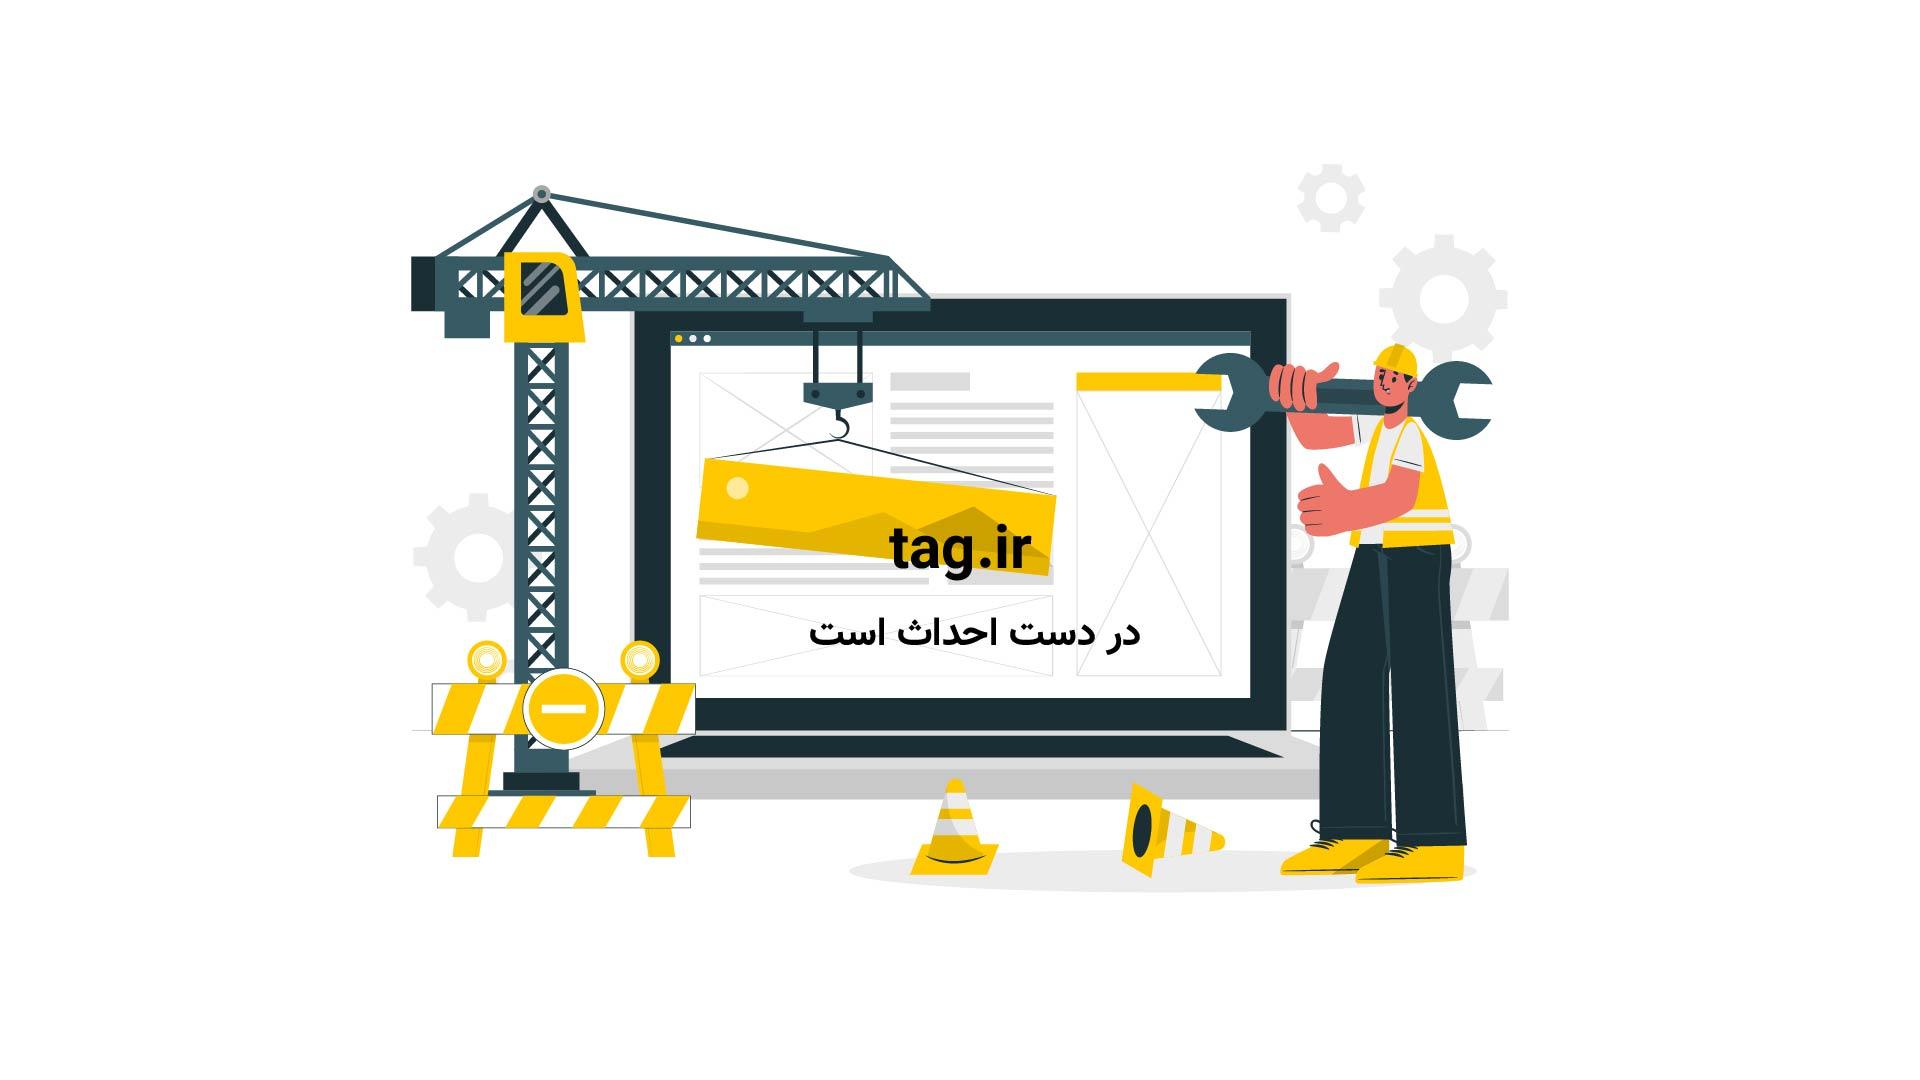 قهرمانی آرژانتین در جام جهانی فوتسال ۲۰۱۶ + فیلم